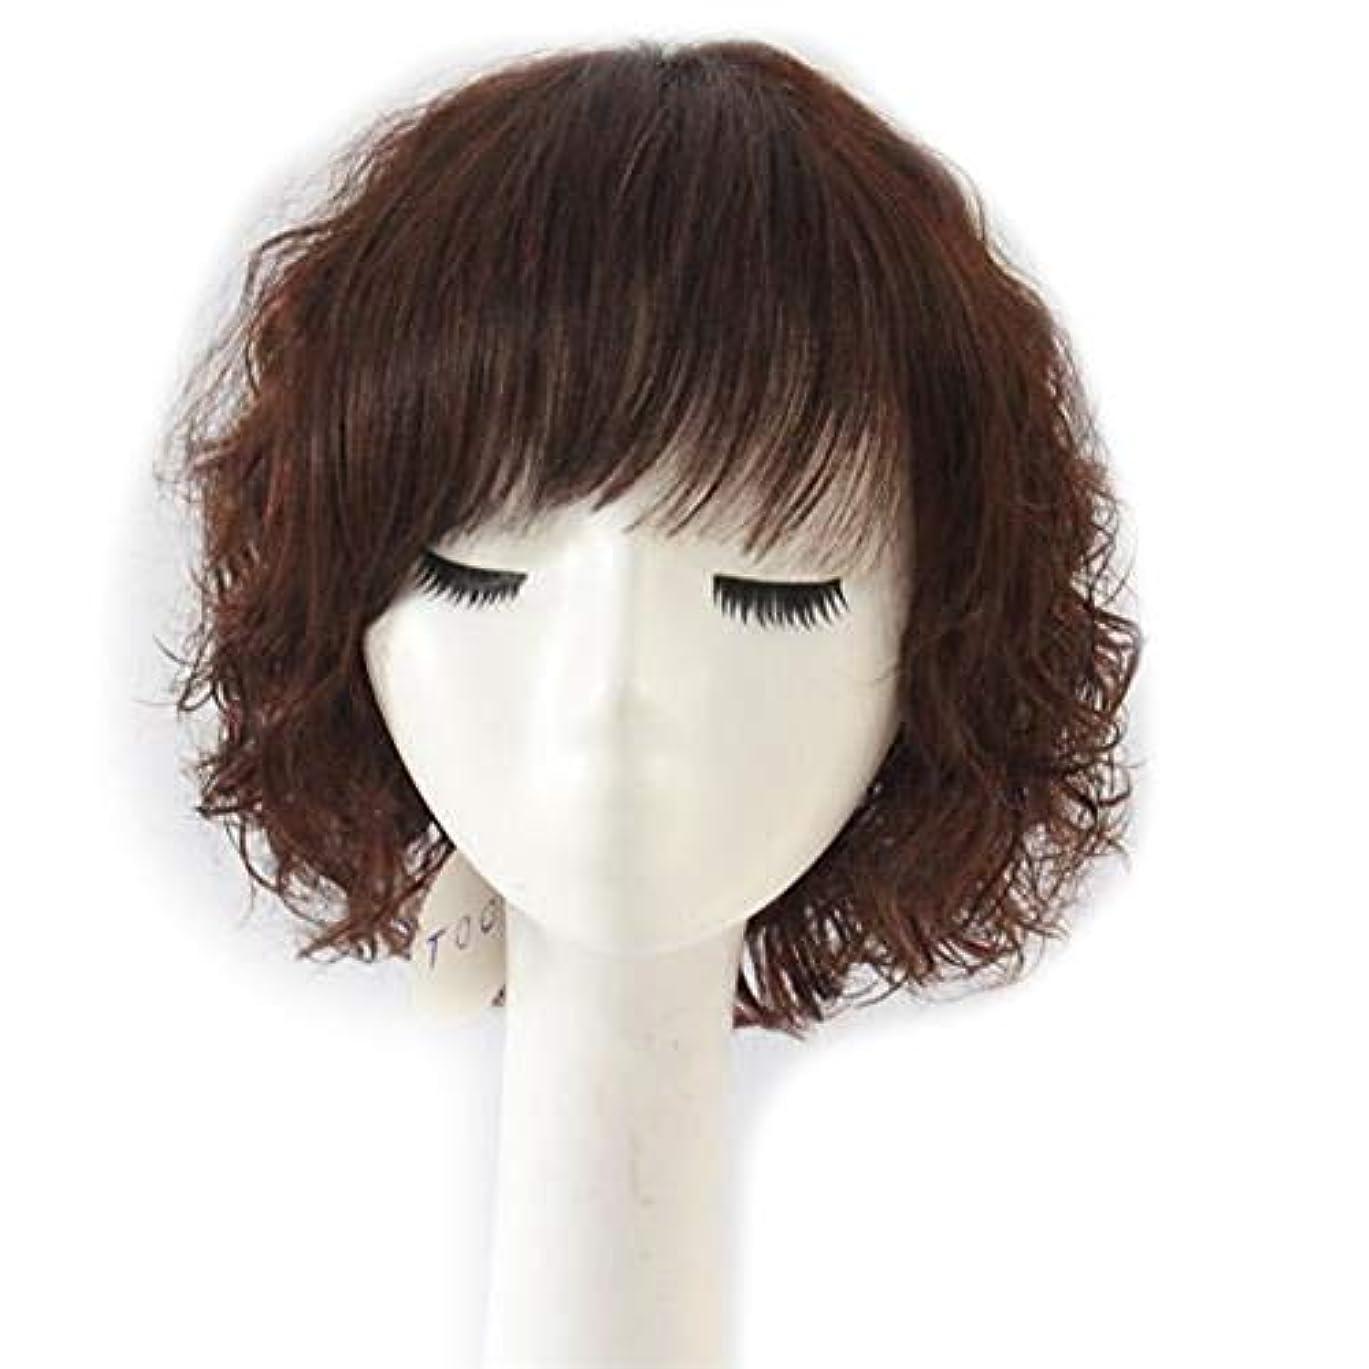 名声代数矛盾するYOUQIU 母のギフトかつらのために女性のふわふわショートカーリーヘアのフル実ヘアウィッグファッションウィッグナチュラル (色 : Dark brown)